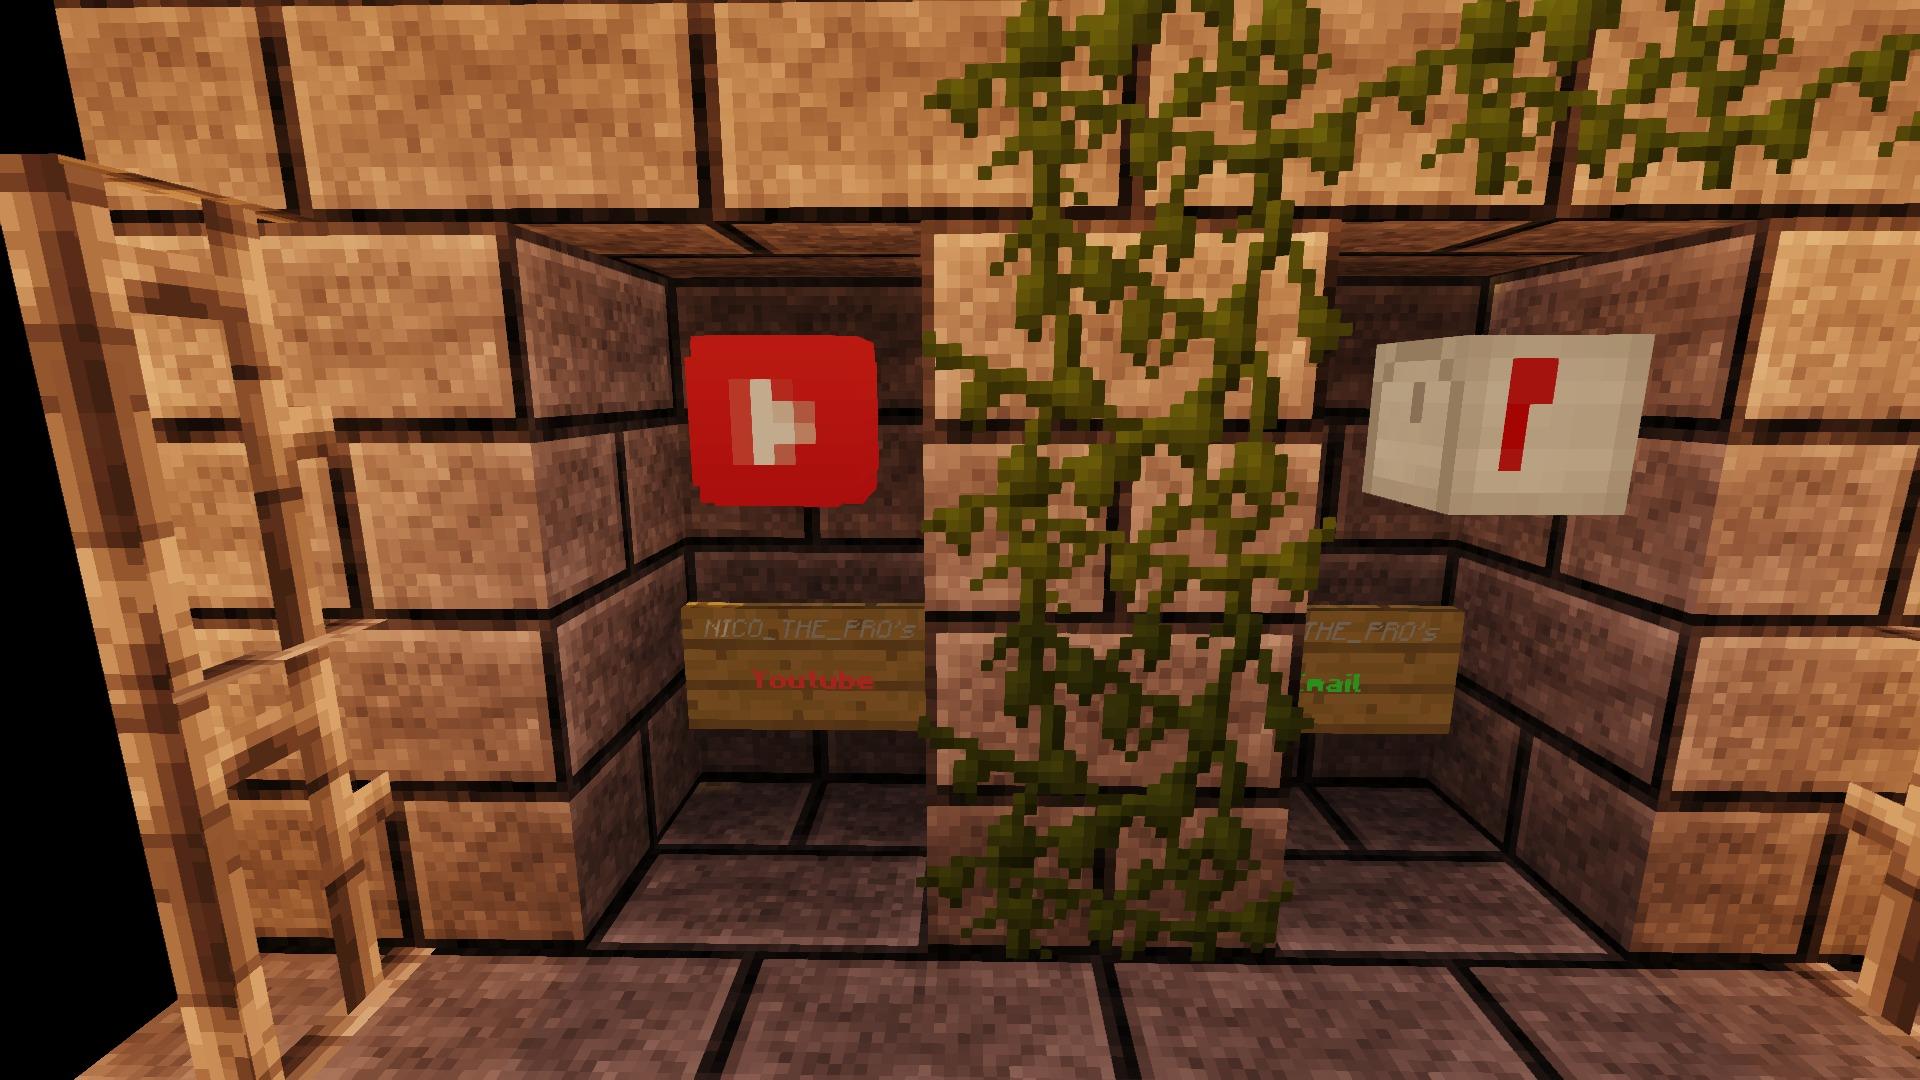 Escape prison - screenshot 4